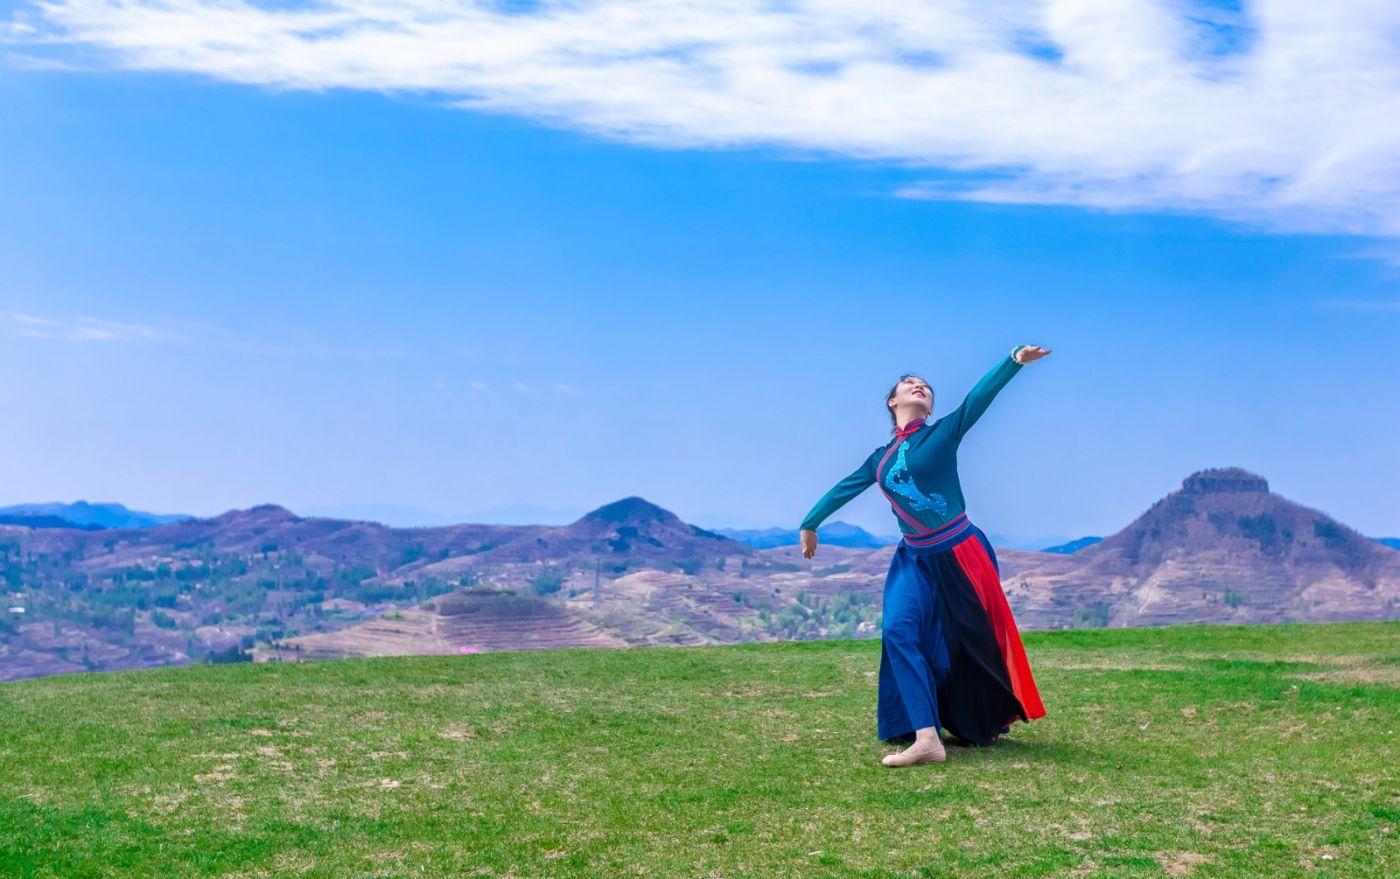 崮上草原有位女孩在翩翩起舞 她要和你邂逅在崮上花开的季节 ..._图1-12